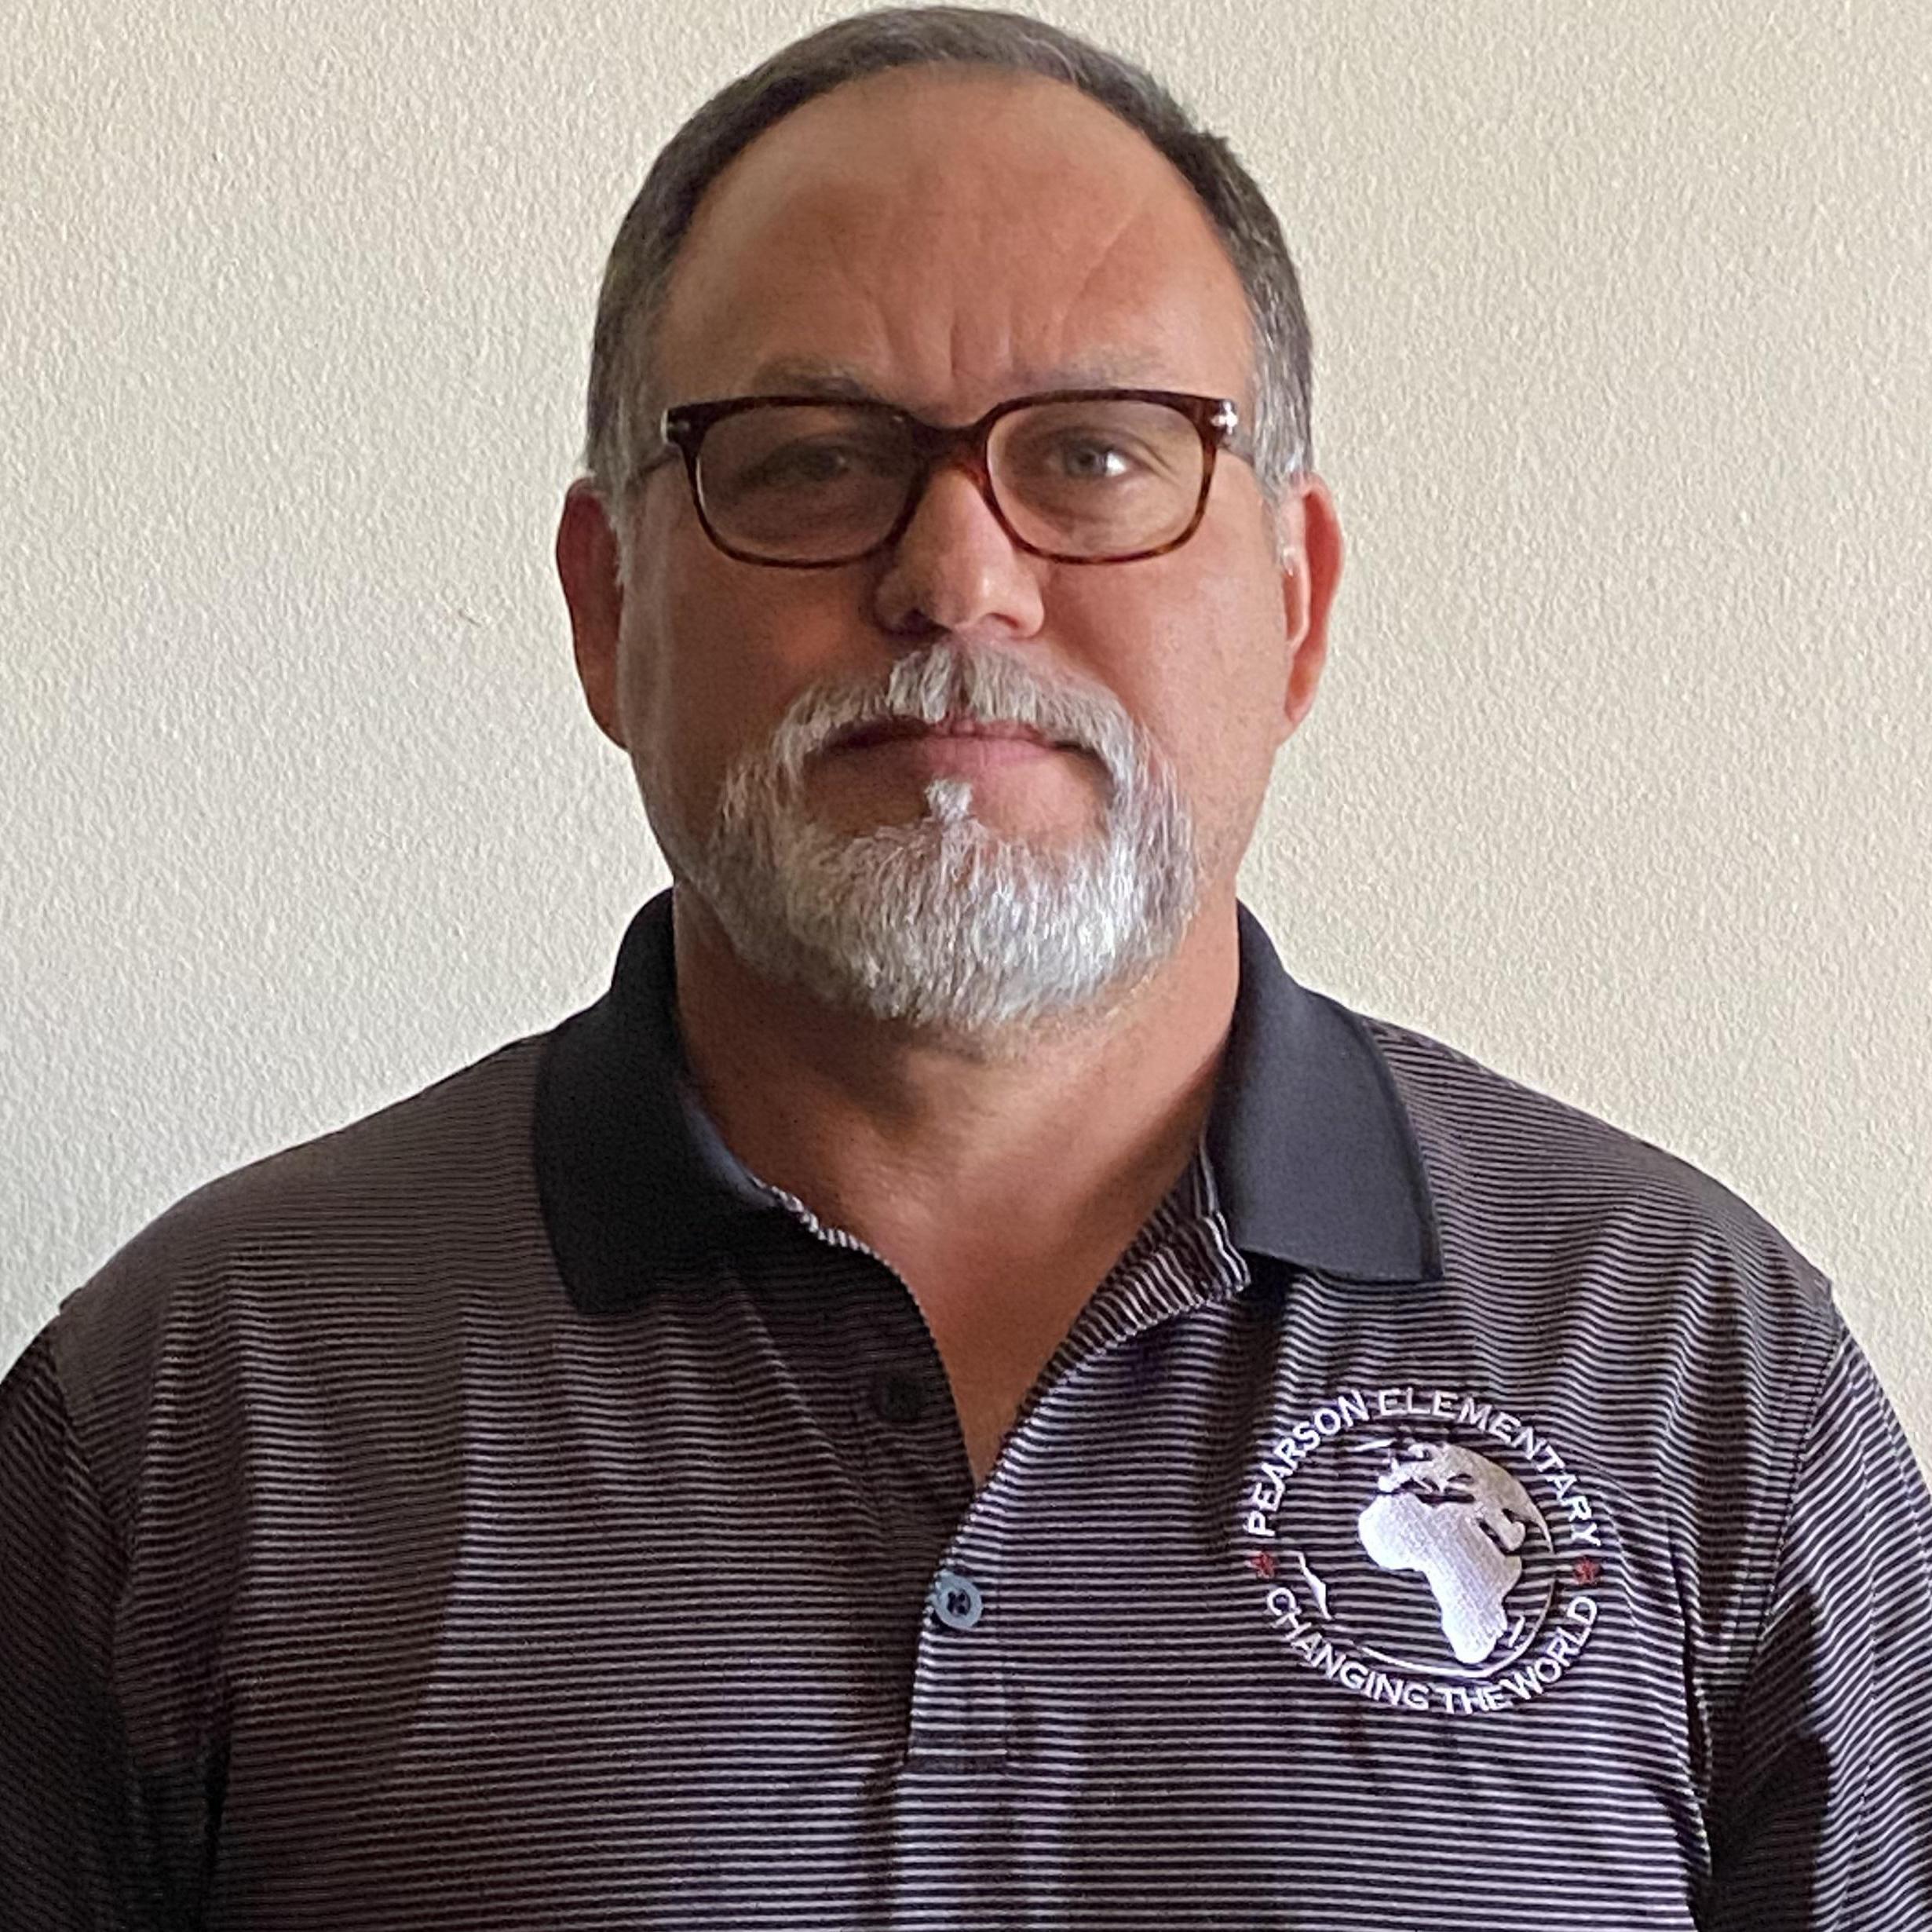 Rolando Salinas's Profile Photo